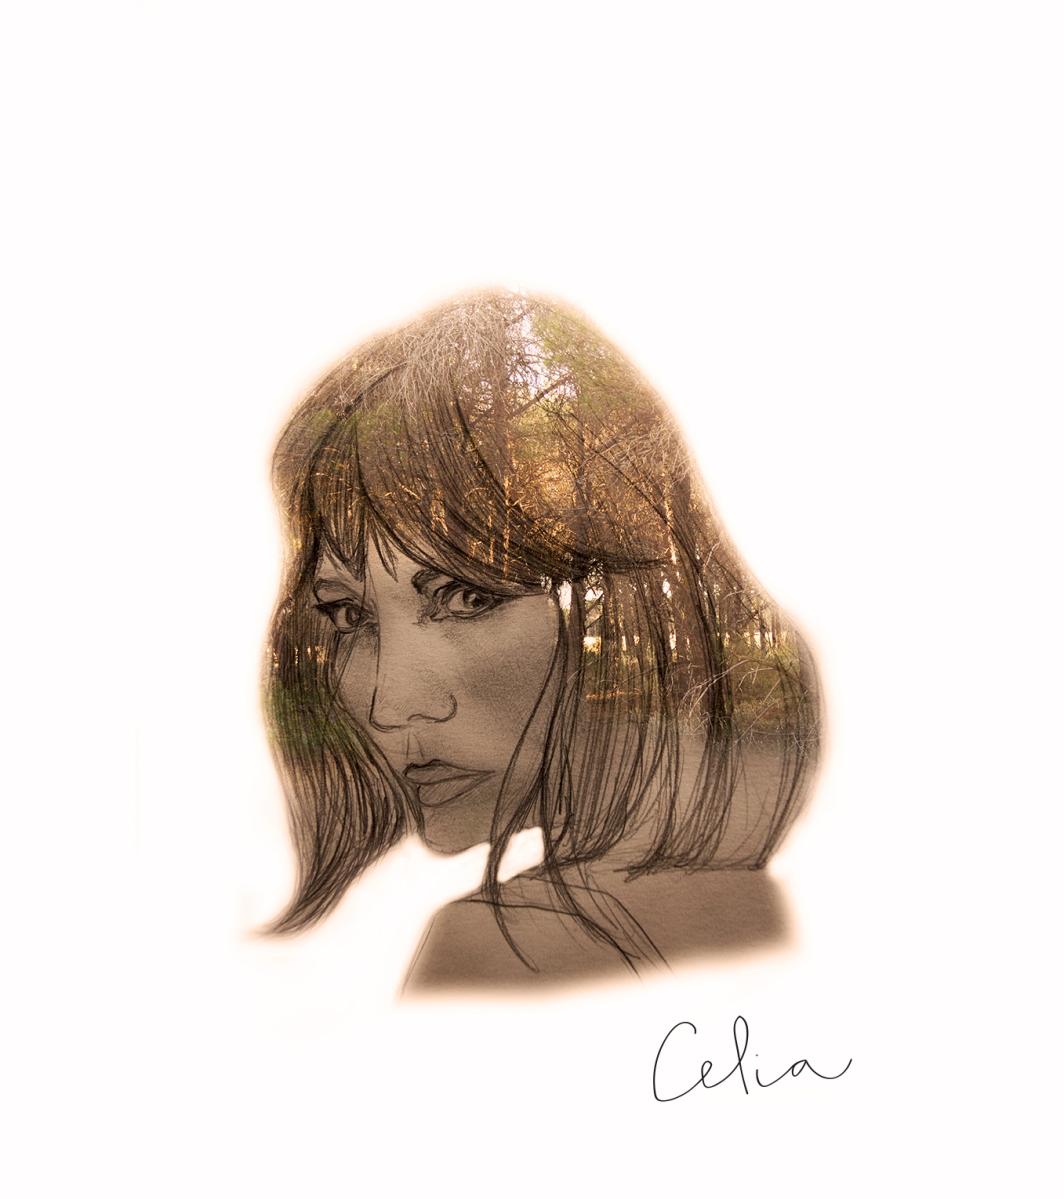 Celia López Bacete, detalles que inspiran